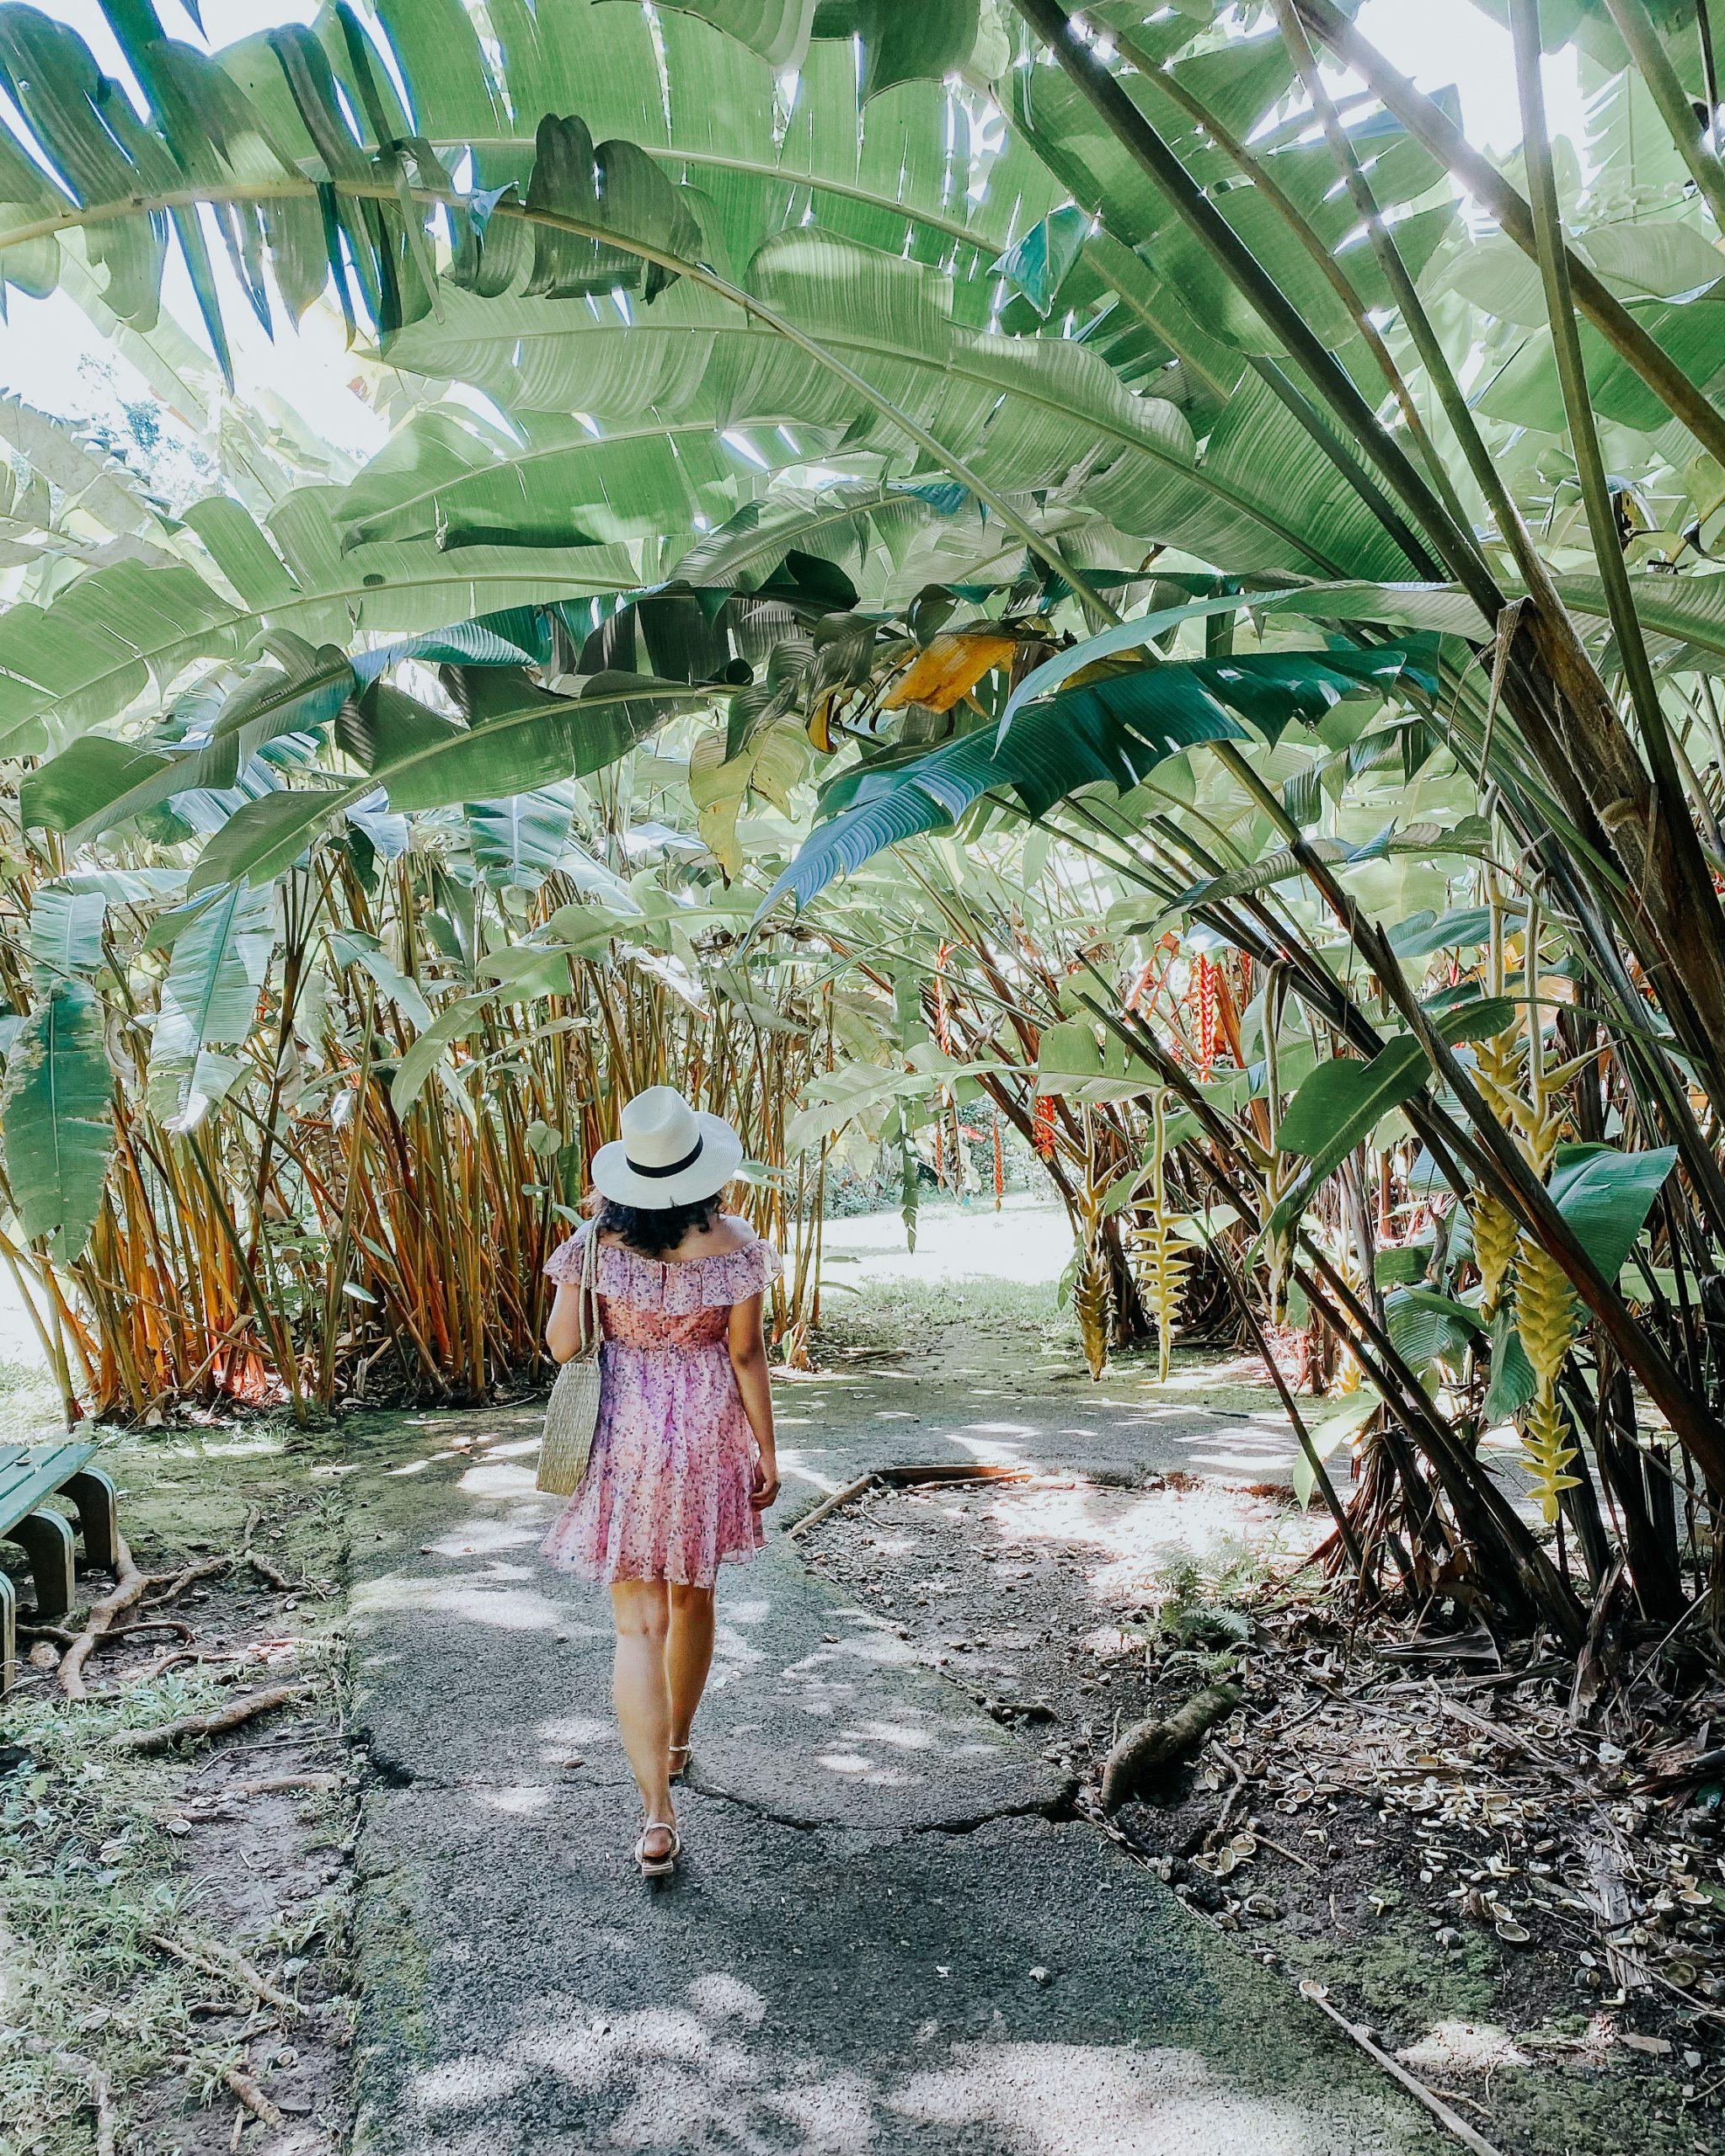 Ho'omaluhia botanical gardens banana plants